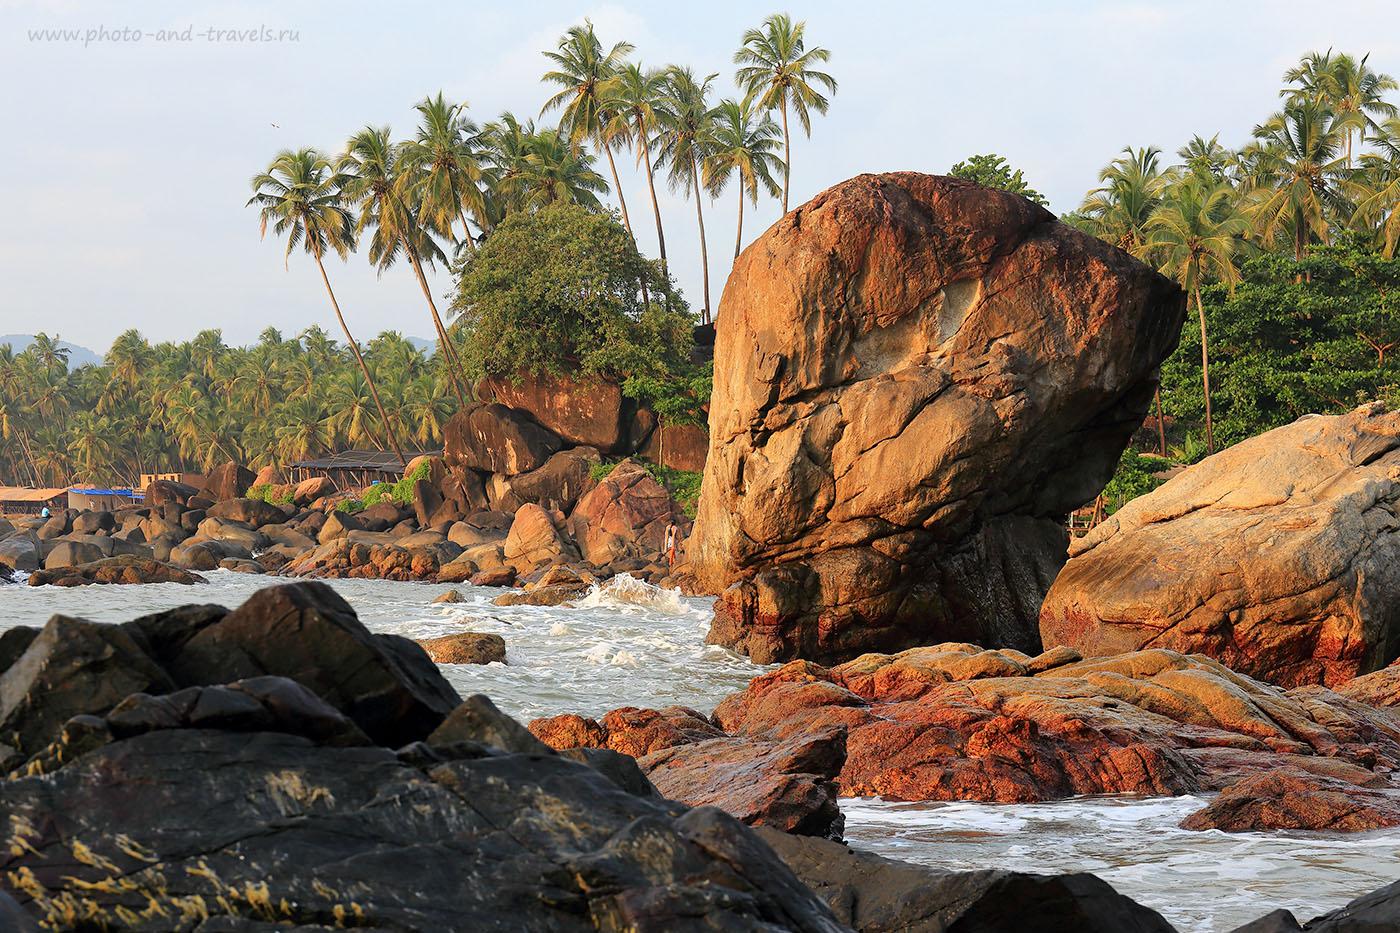 Фото 11. Скалы мыса. Пляж Палолем. Южное Гоа. Отзывы туристов об отдыхе в октябре в Индии (24-70, 1/60, -1eV, f9, 70mm, ISO 100)